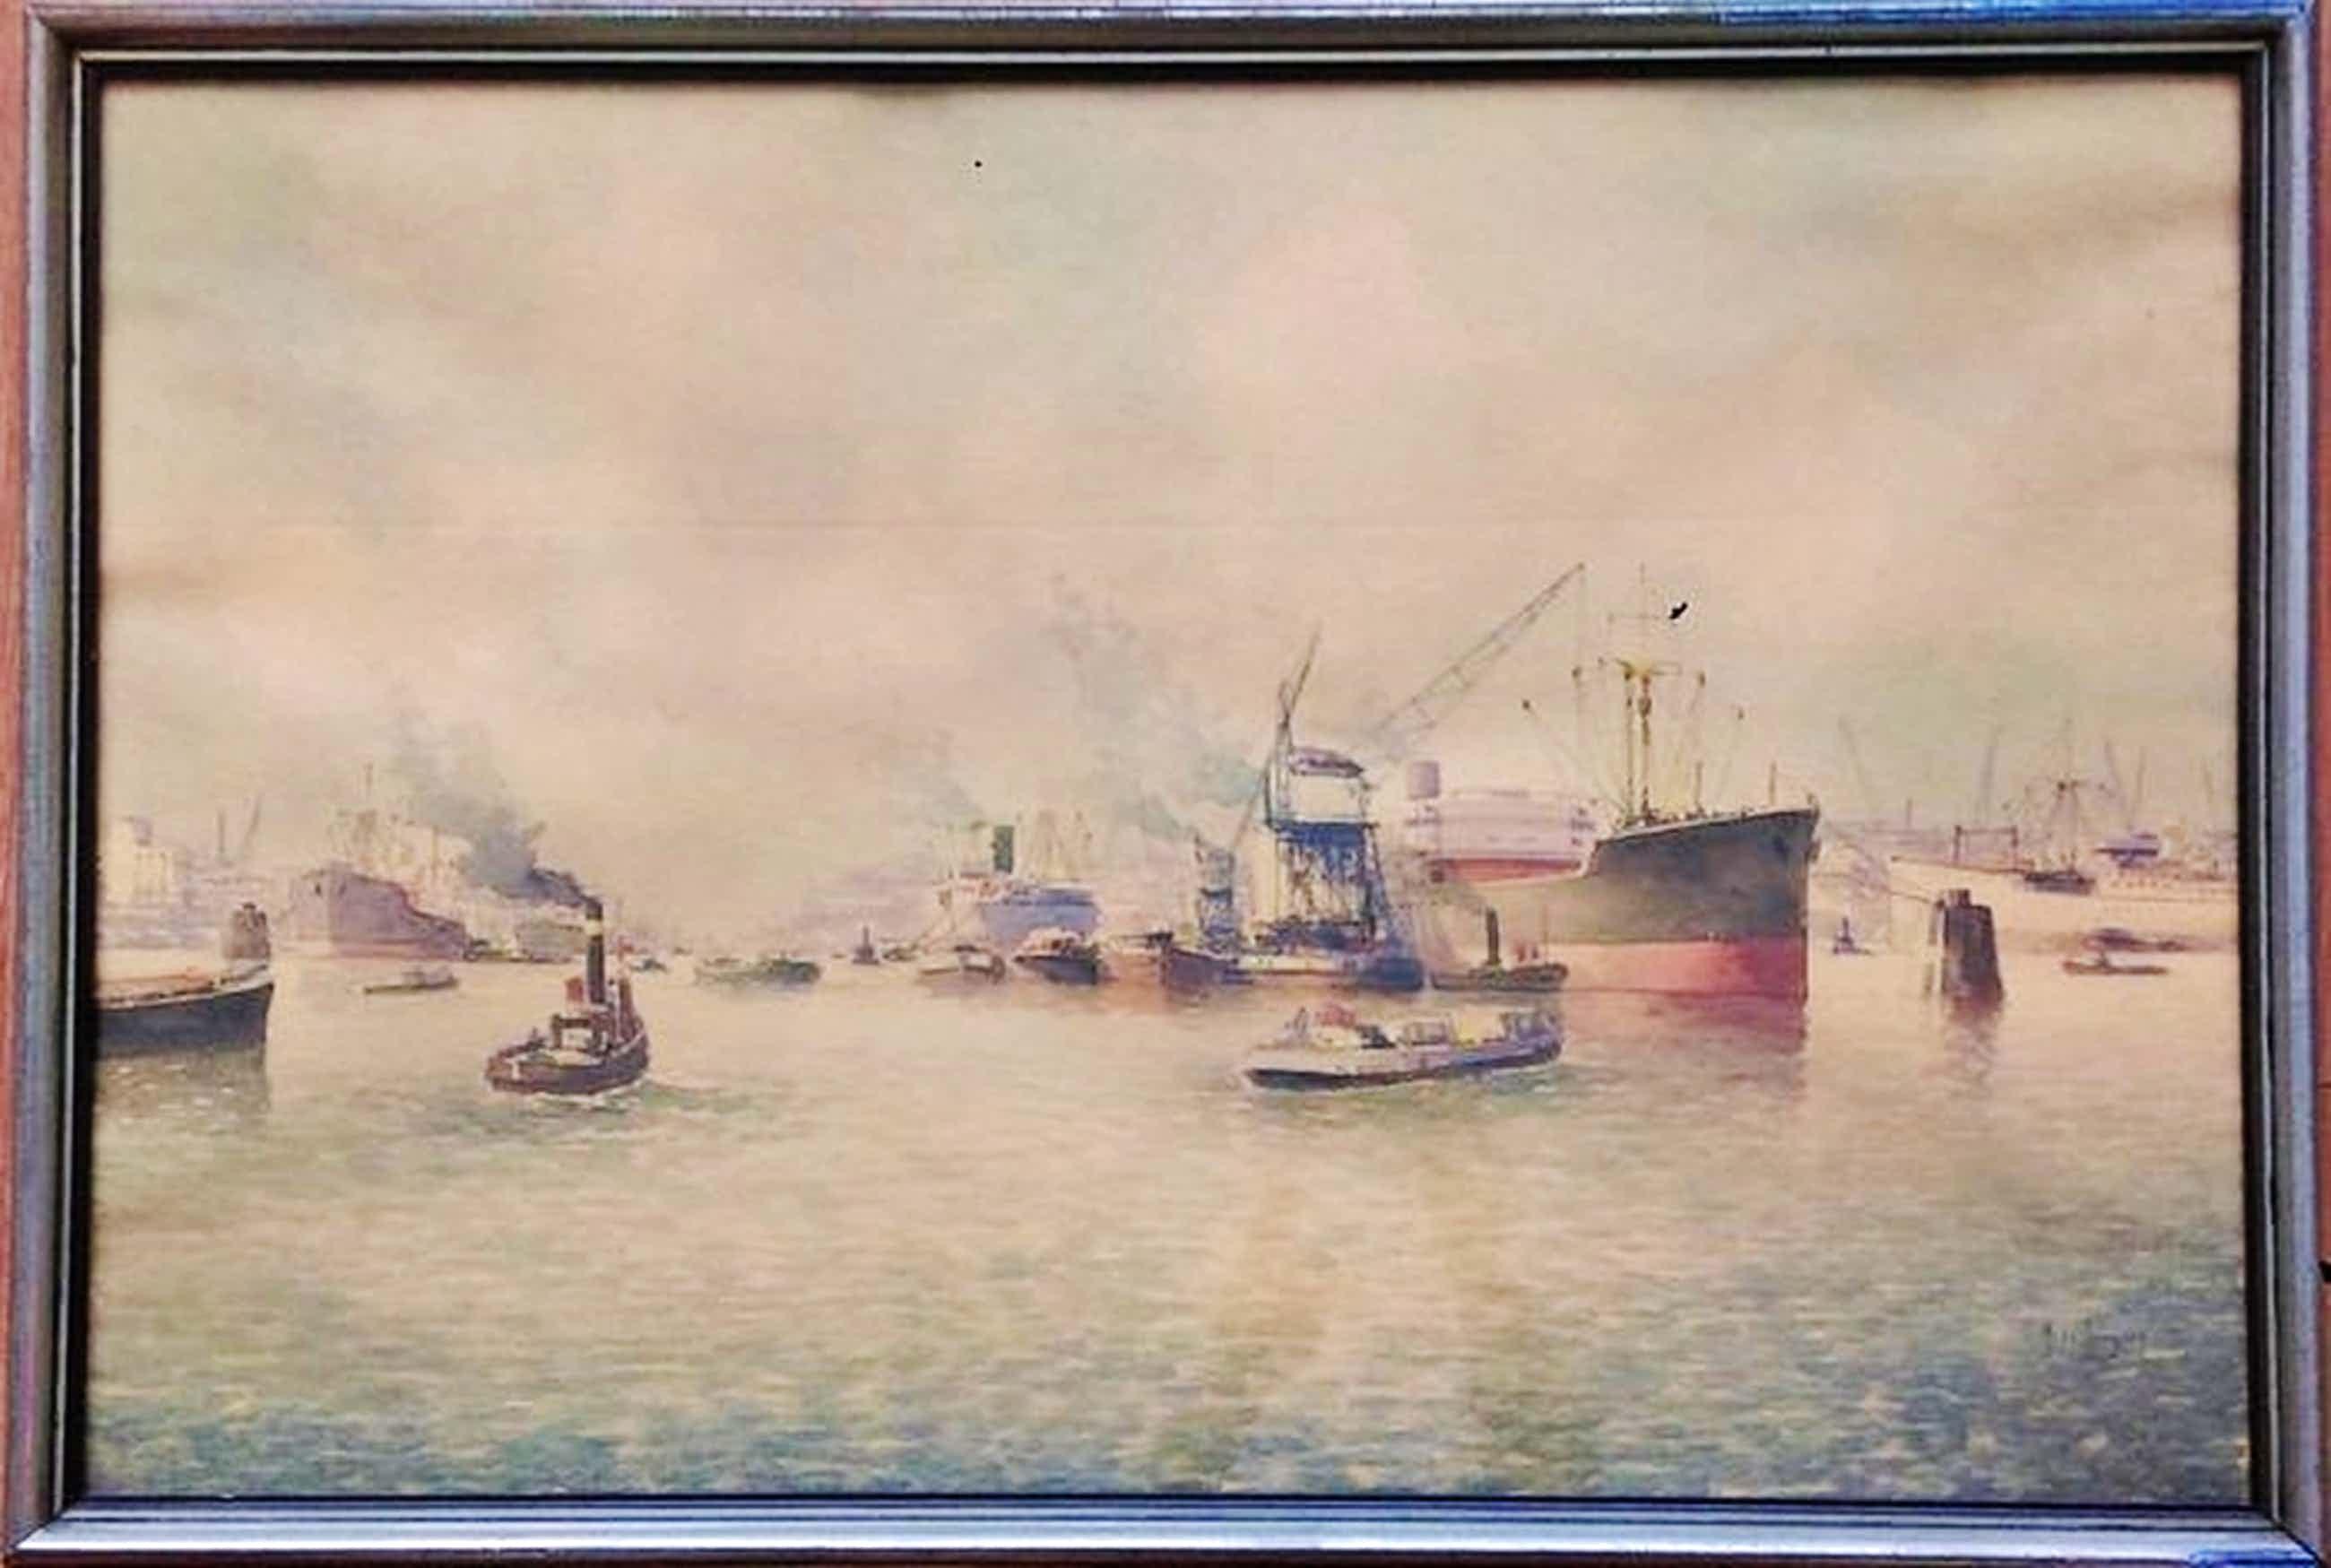 Bedrijvigheid in de Rotterdamse haven - gemengde techniek - gesigneerd - 1940 kopen? Bied vanaf 300!